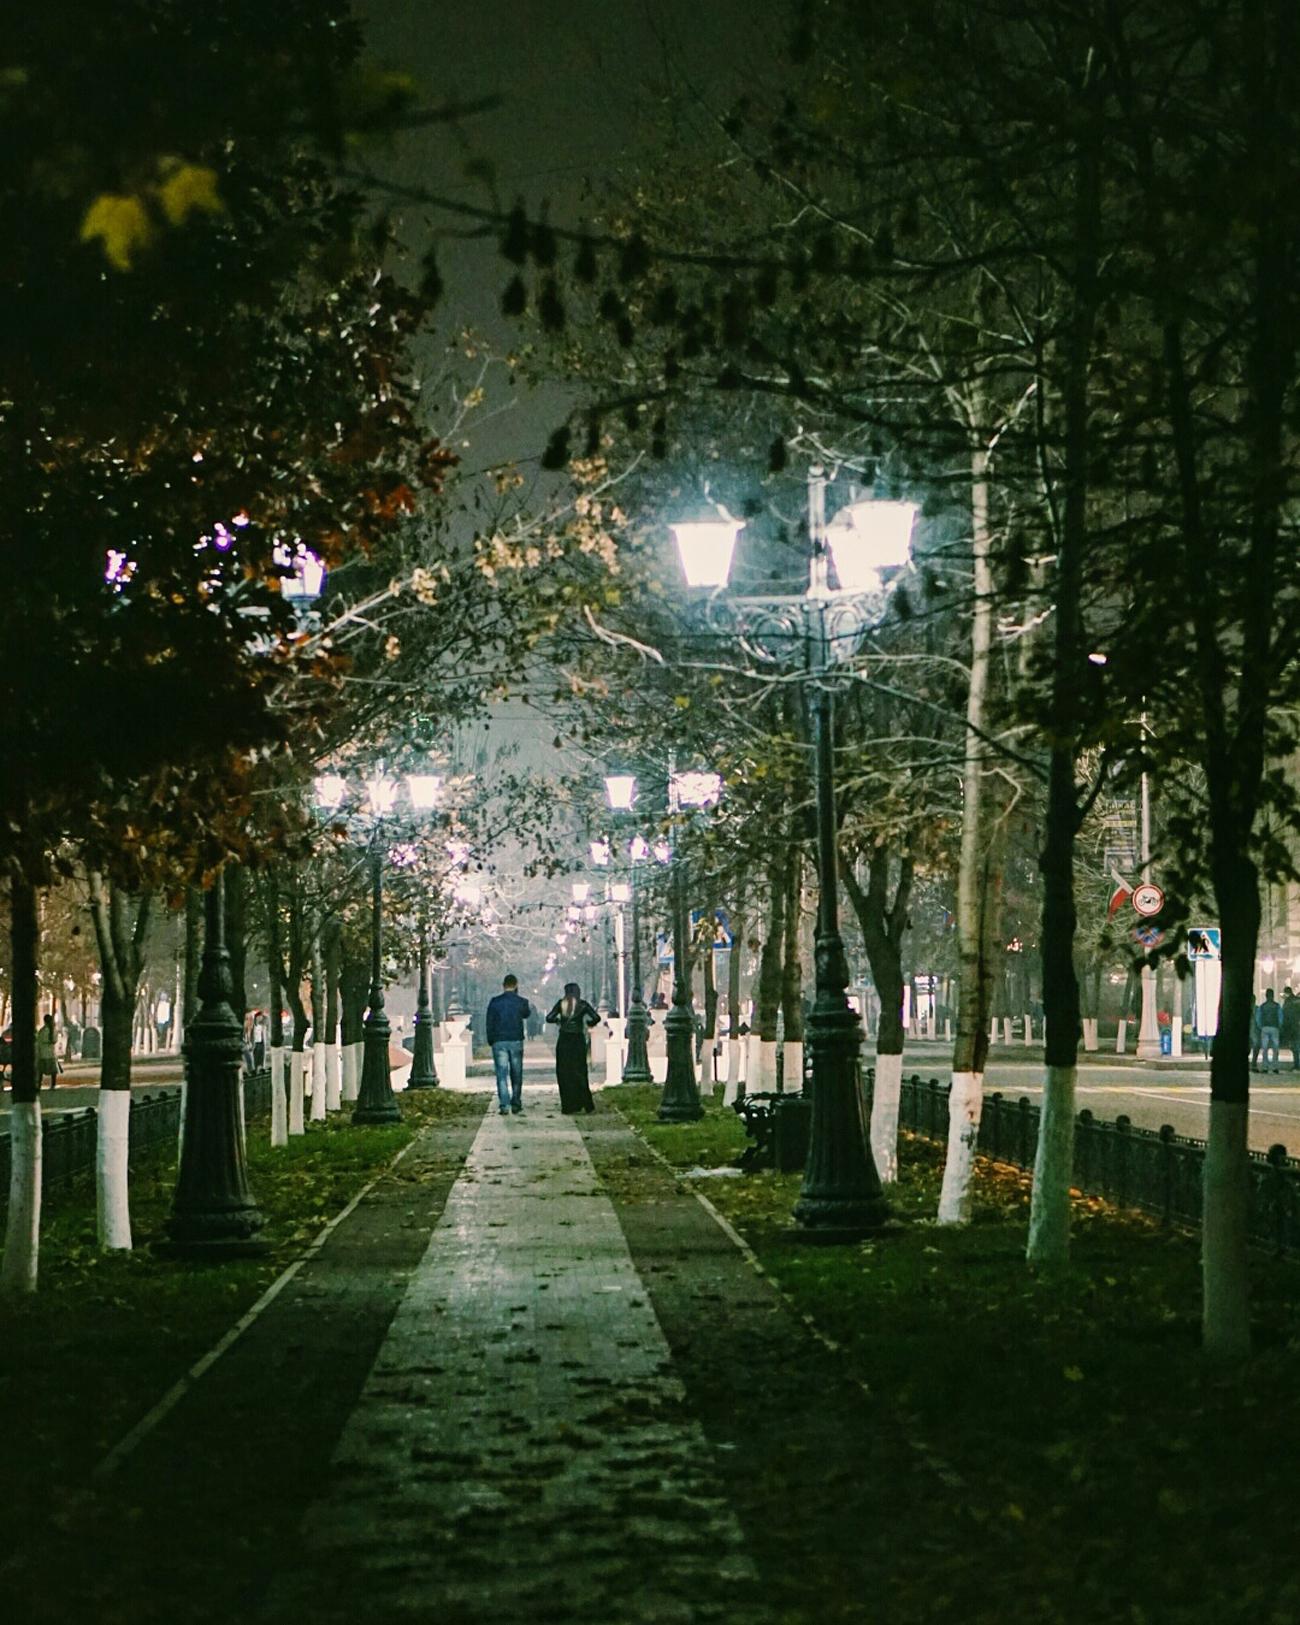 """Putin Avenue. Source: <a  data-cke-saved-href=""""http://www.pictaram.com/user/unknown_caucasus/2533907852"""" href=""""http://www.pictaram.com/user/unknown_caucasus/2533907852"""" target=""""_blank"""">Muslim Alimirzaev</a>"""